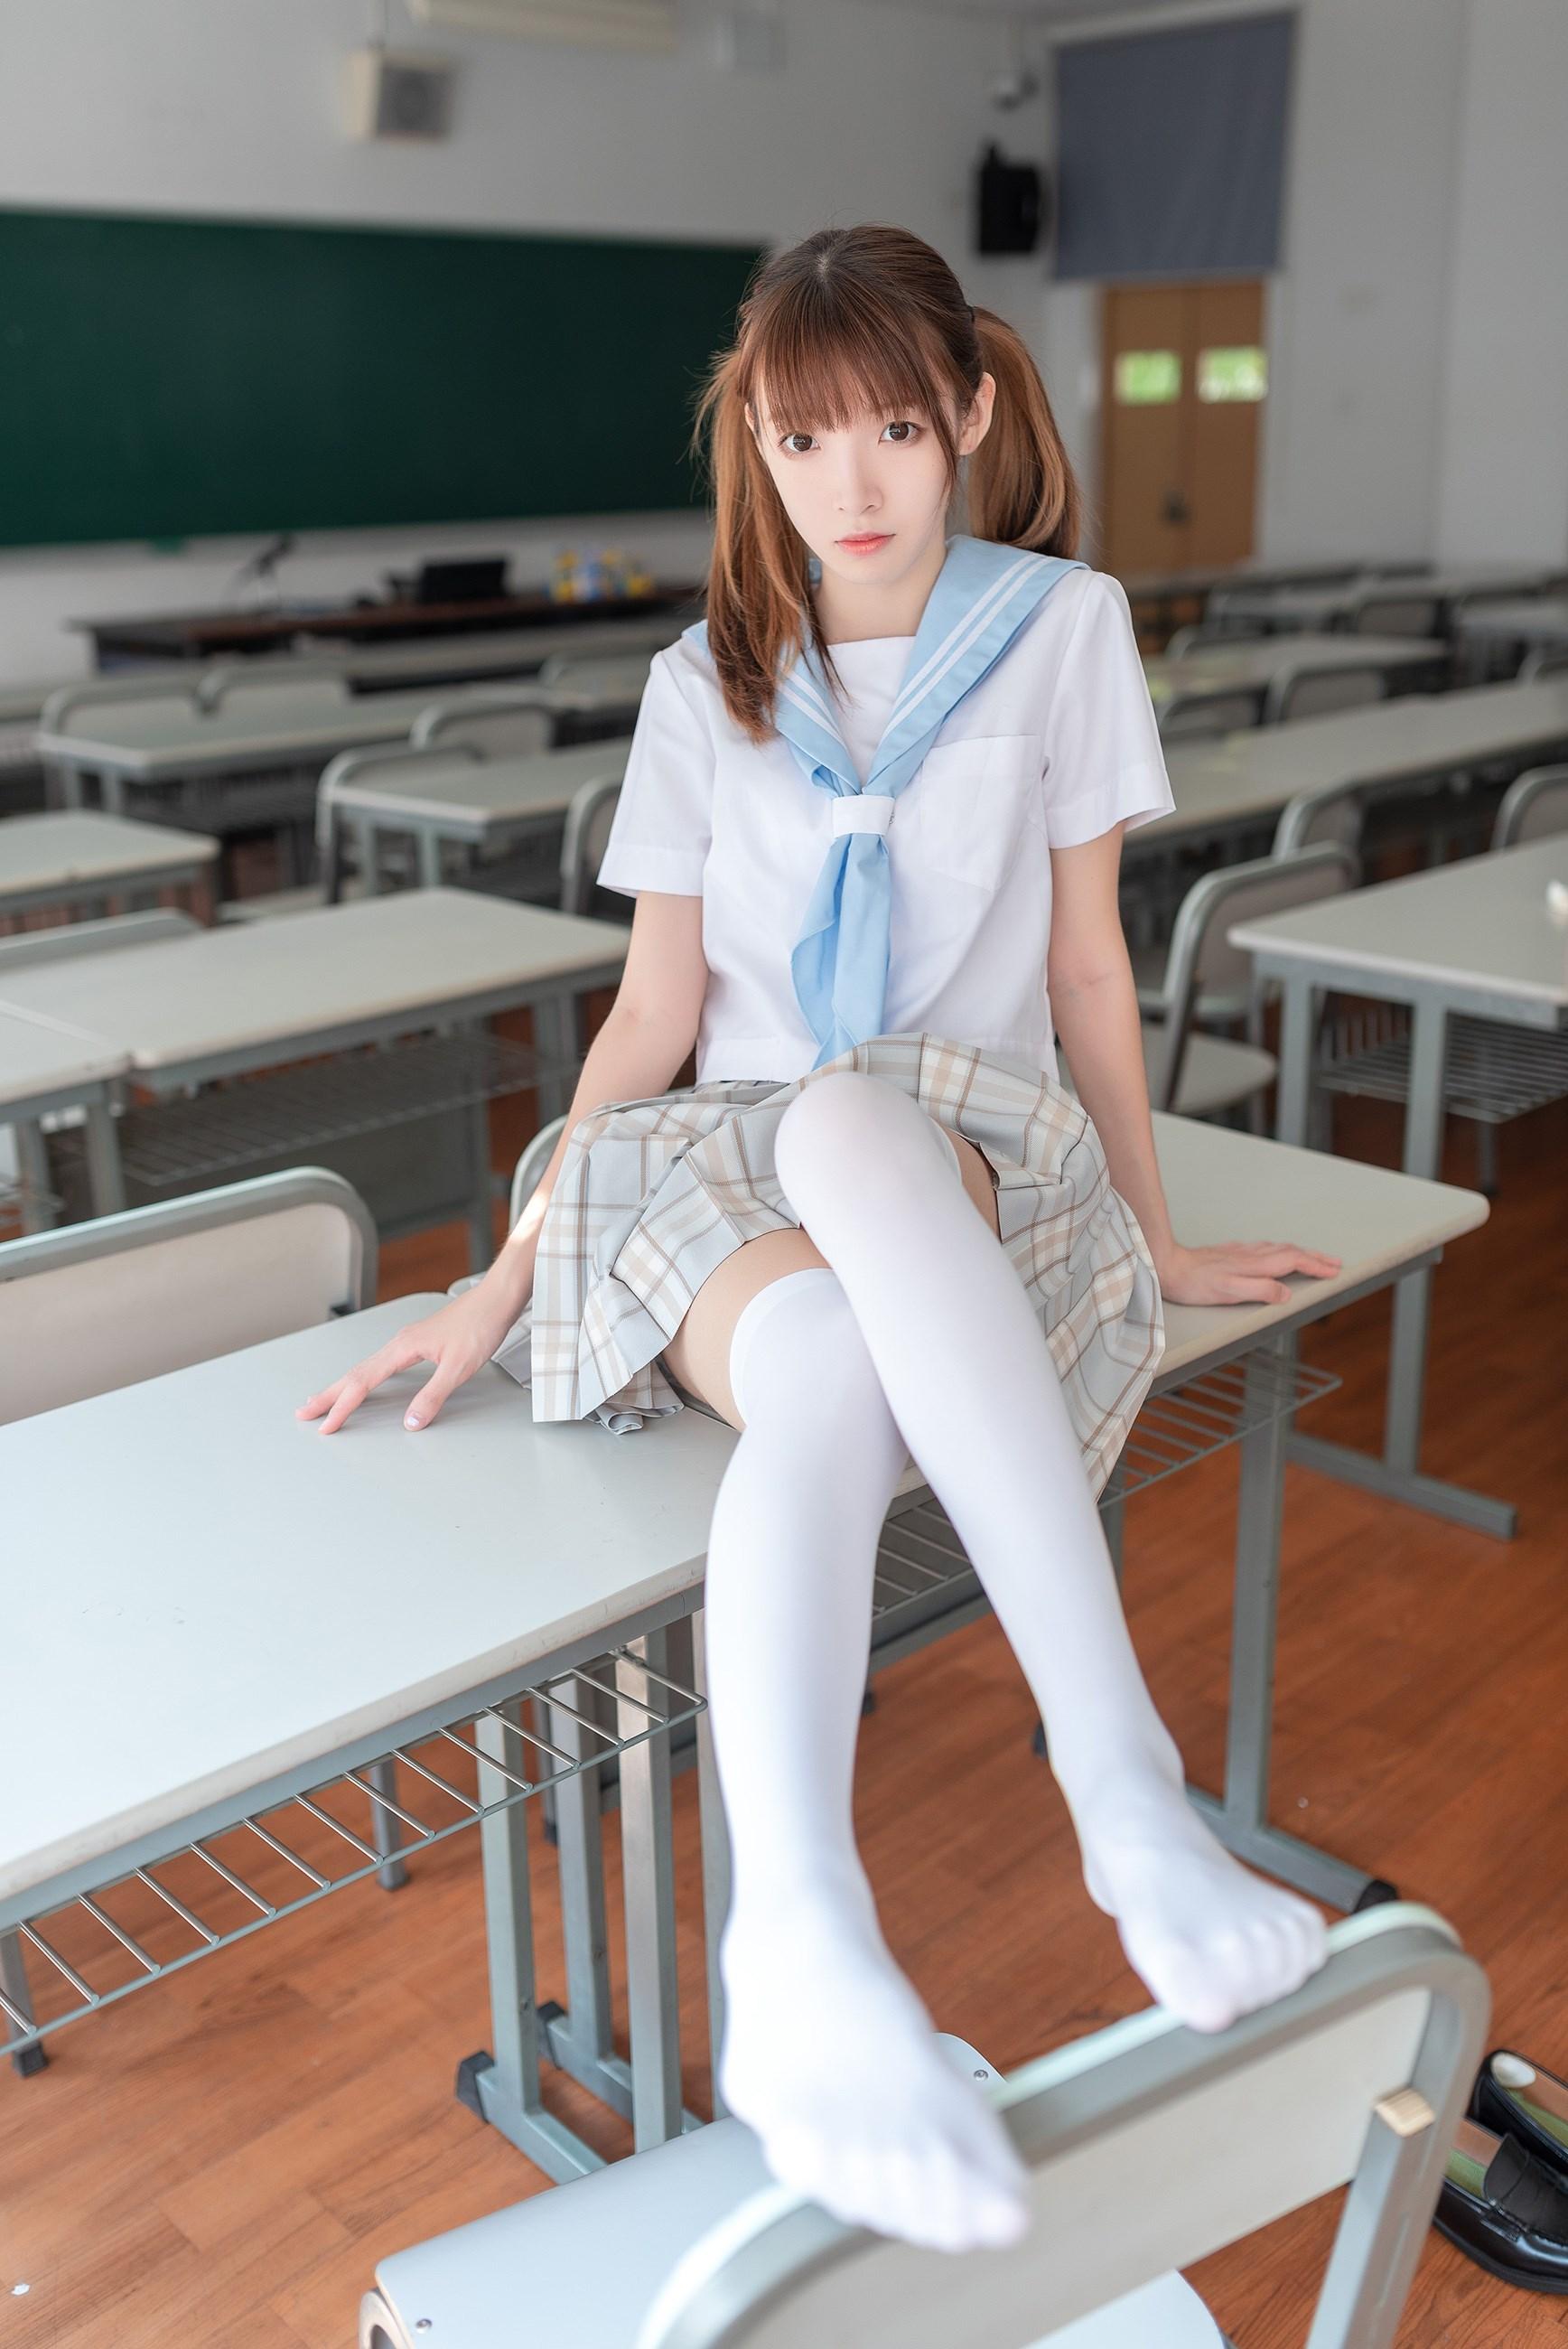 【兔玩映画】不要躺在课桌上 兔玩映画 第1张